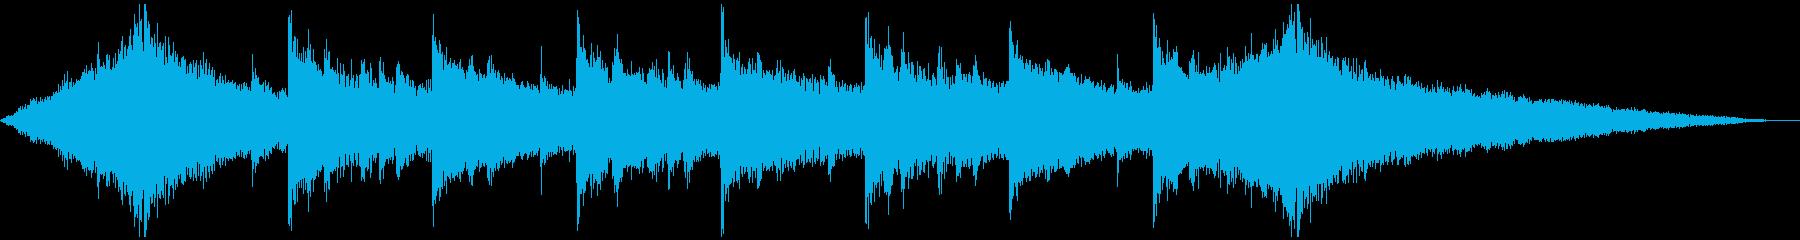 明るいジングル、企業VPの再生済みの波形